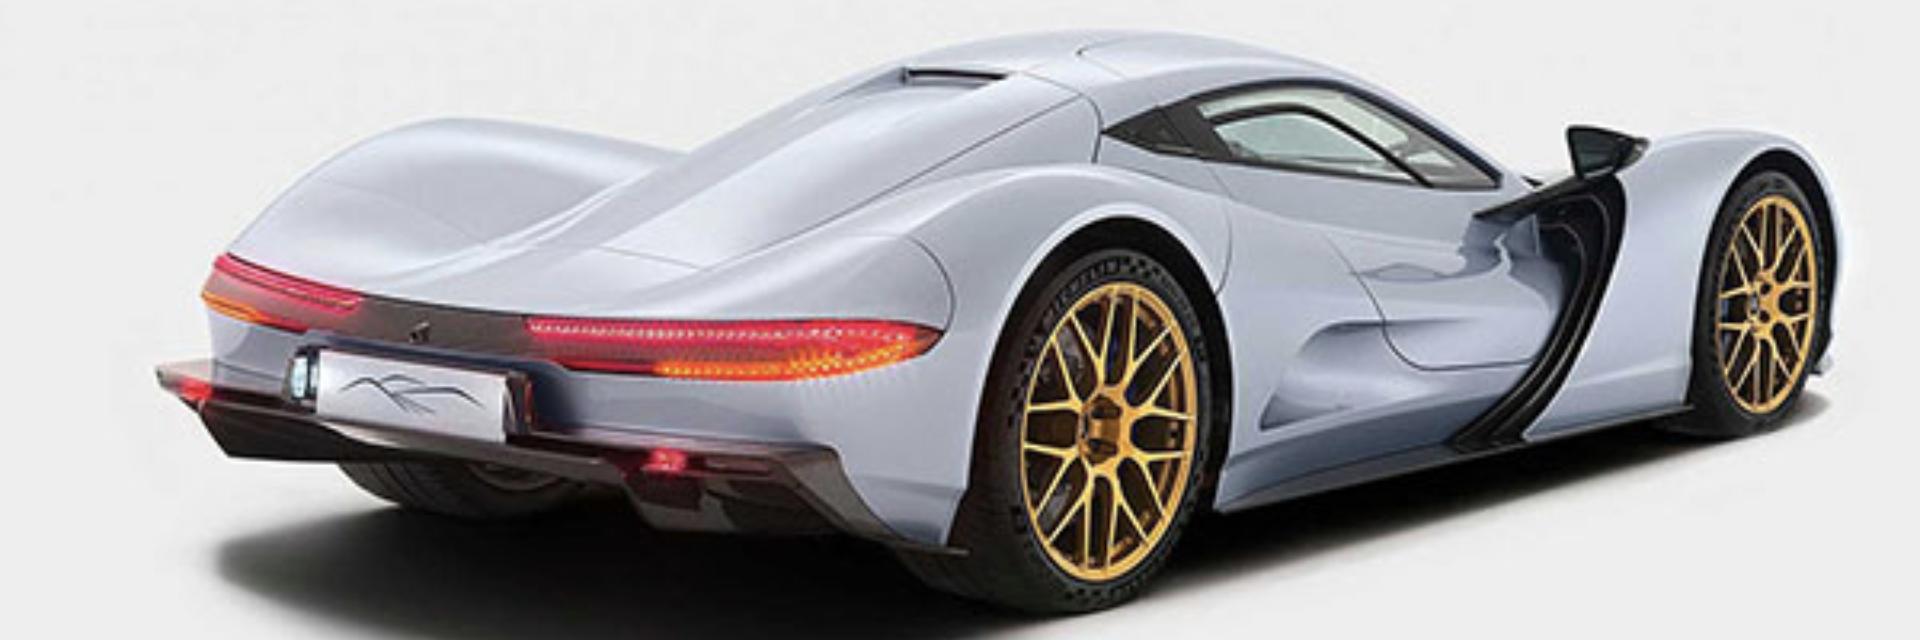 2012 匹 1.69 秒破 60mph 超激速!日製電動超跑 Aspark Owl 量產版登場